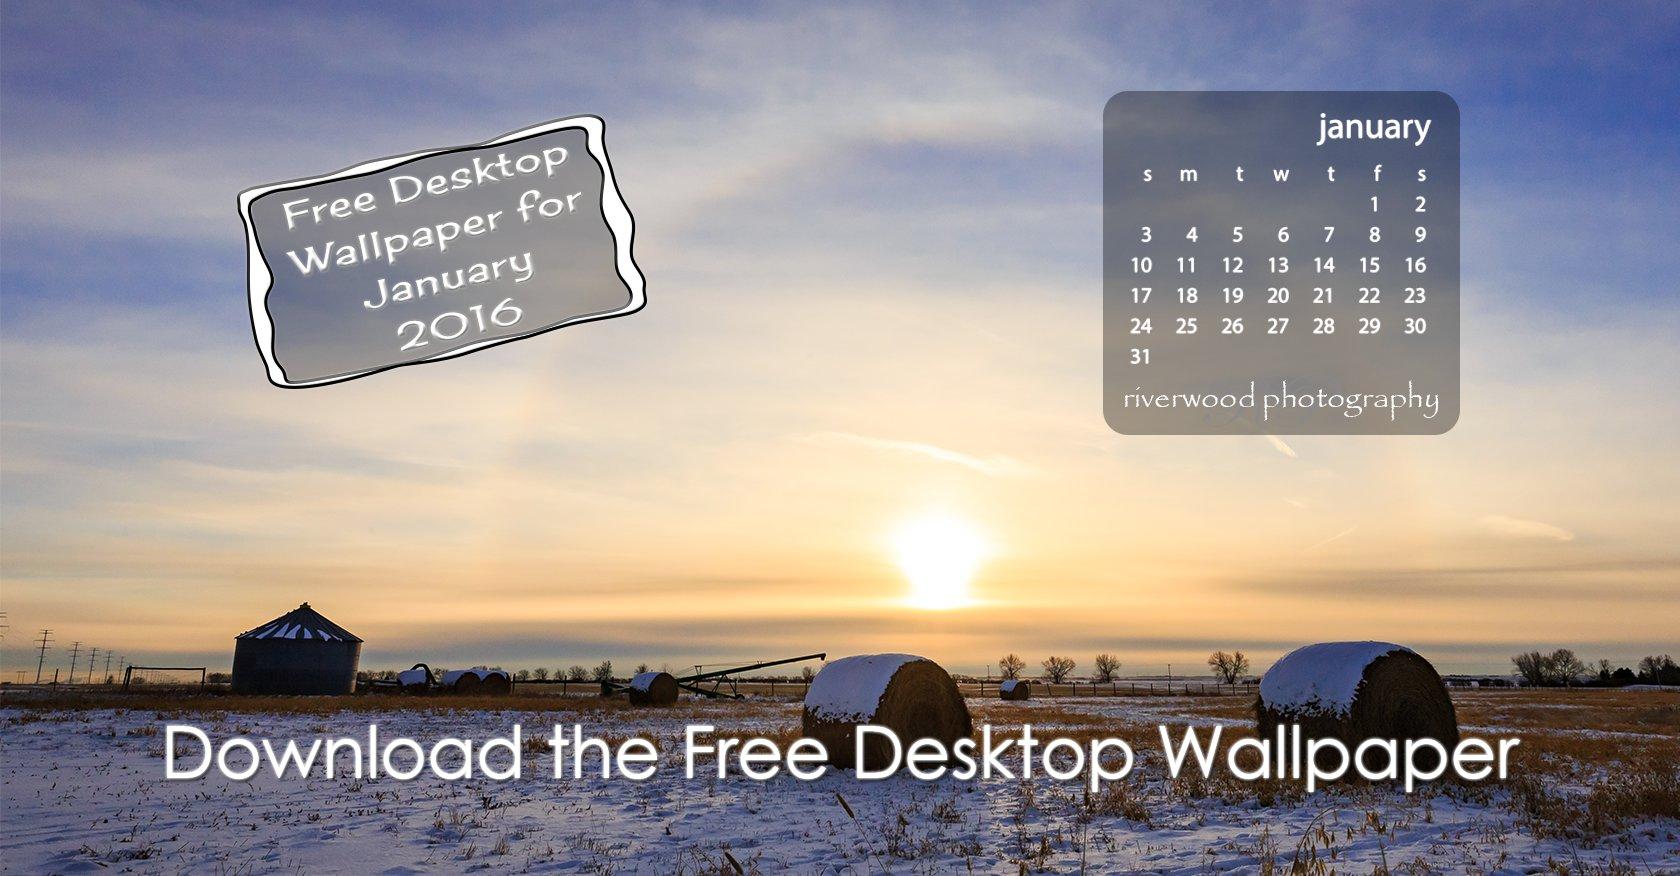 Free Desktop Wallpaper for January 2016